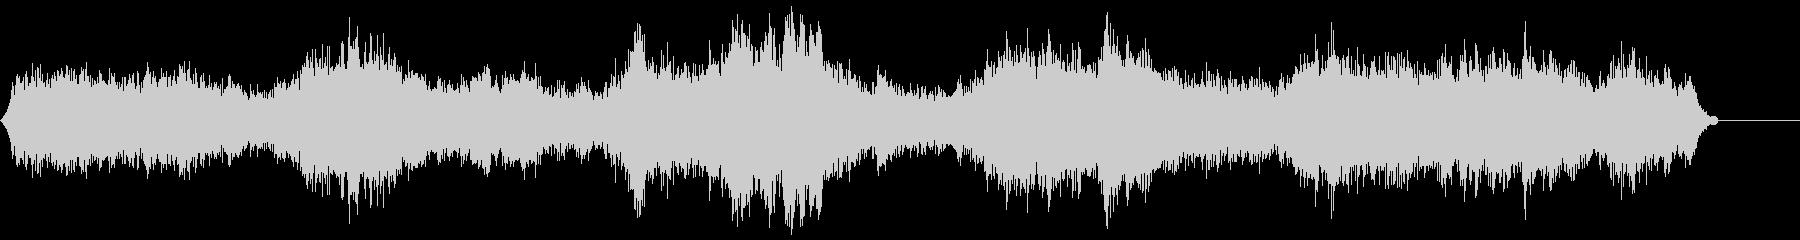 ゾンビ(グループ)うめき声4の未再生の波形